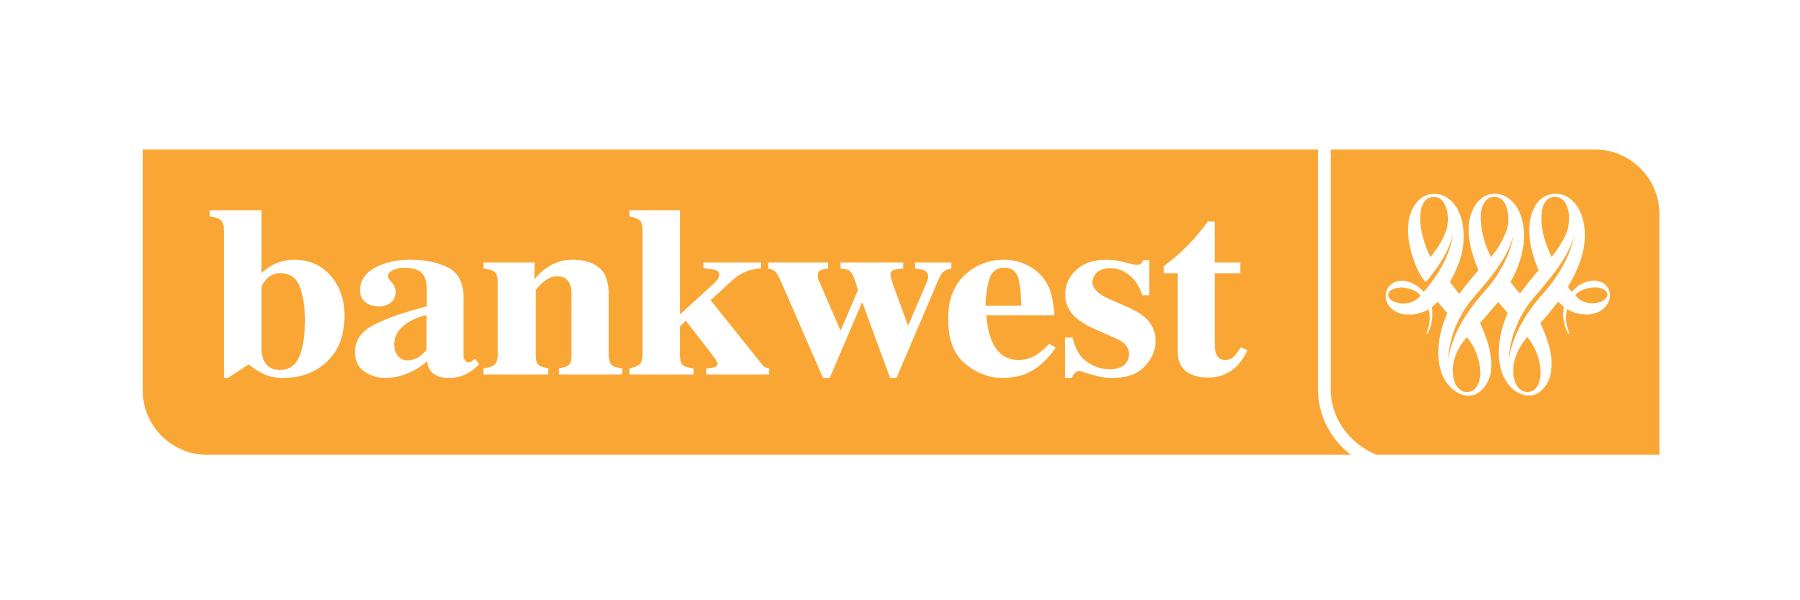 Bankwest logo